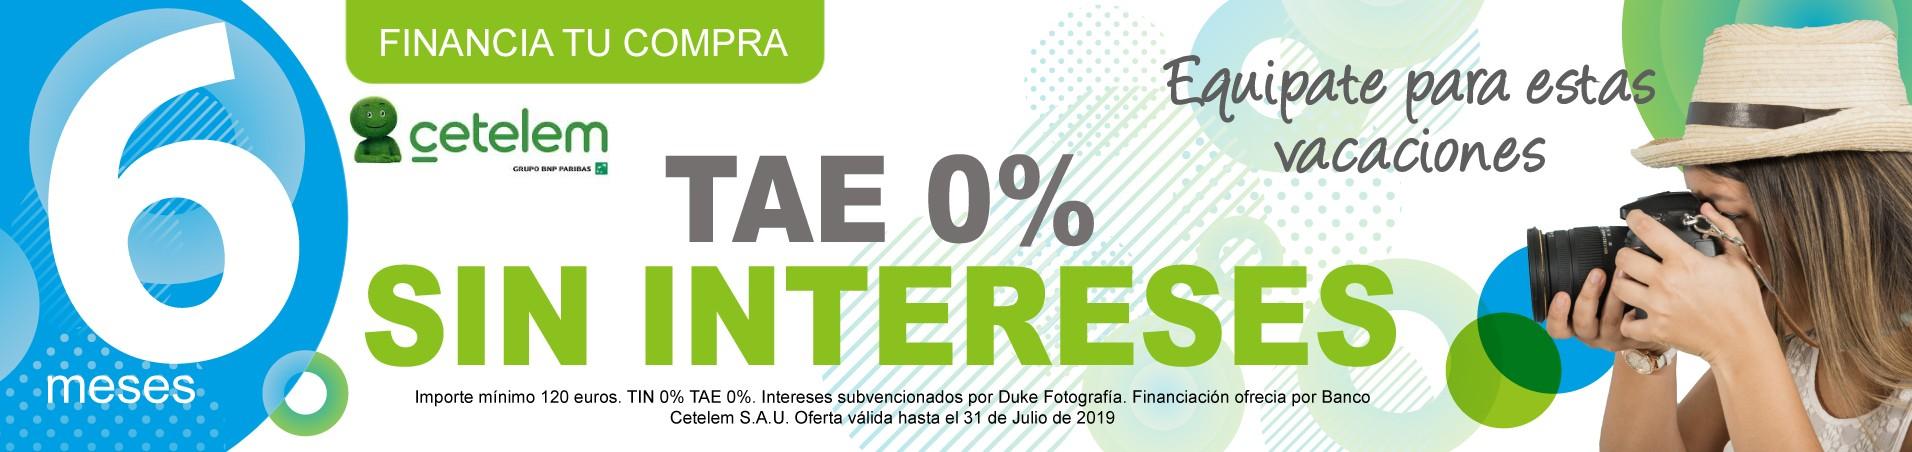 FINANCIACION SIN INTERES